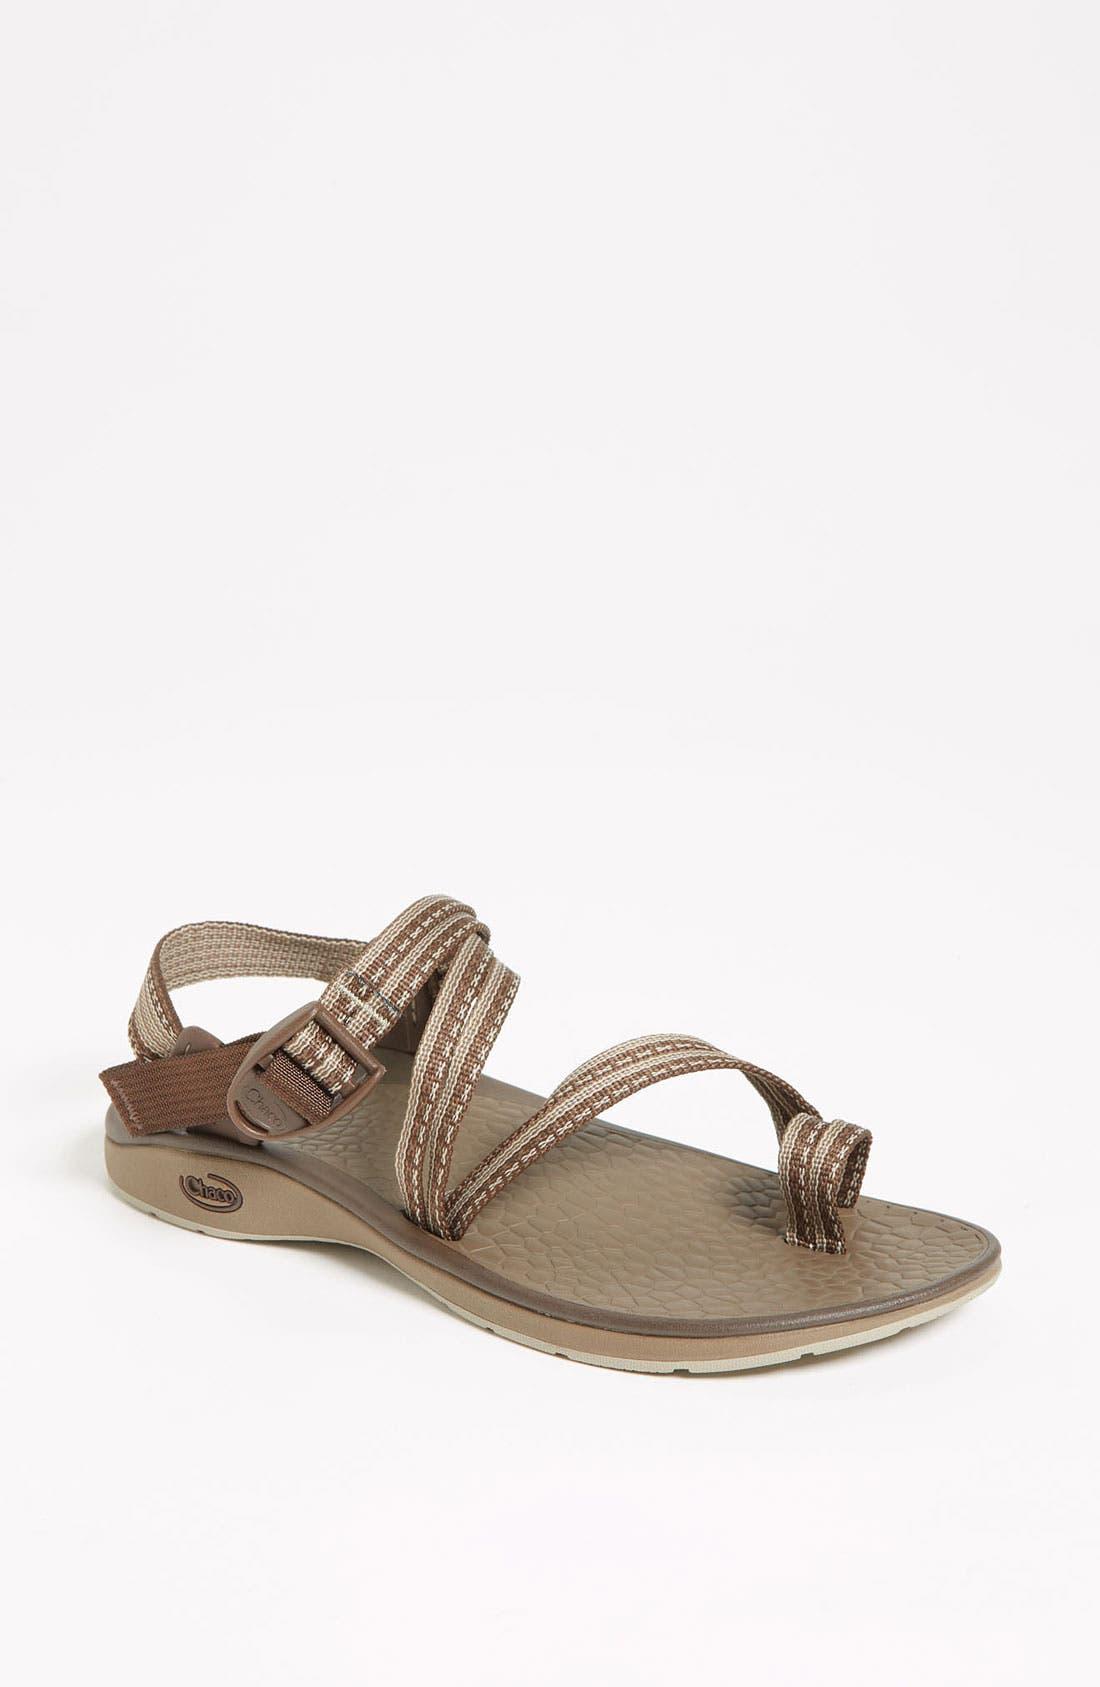 Main Image - Chaco 'Fantasia' Sandal